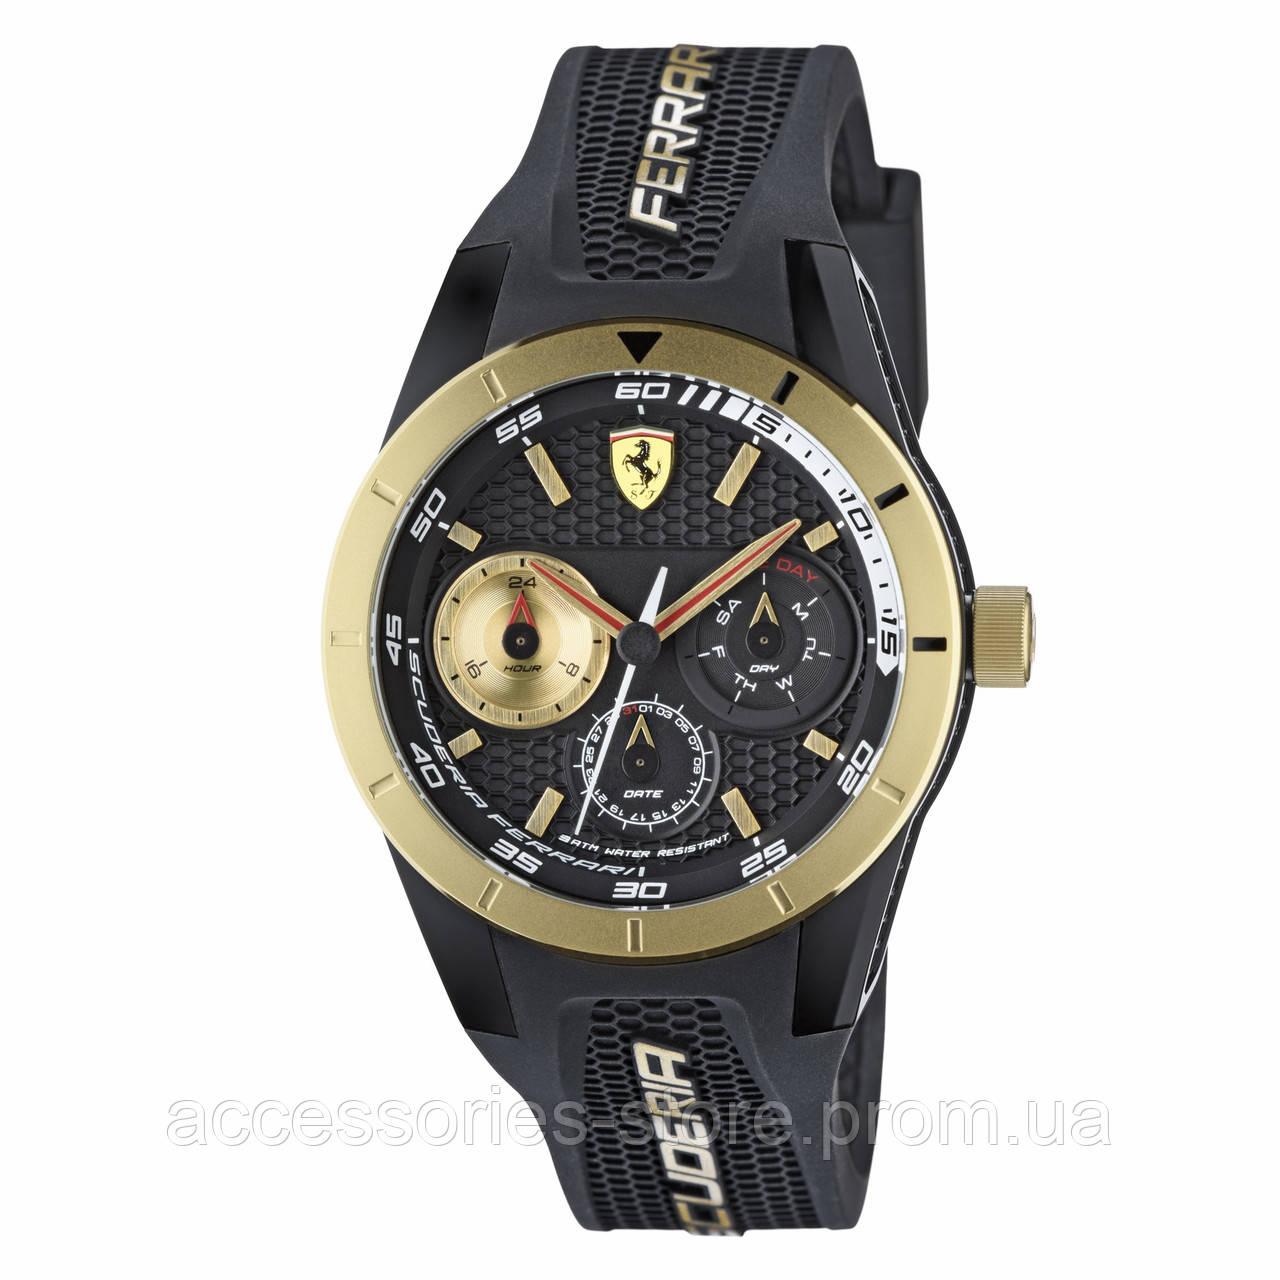 Многофункциональные часы Ferrari, RedRev T Multi-function Watch